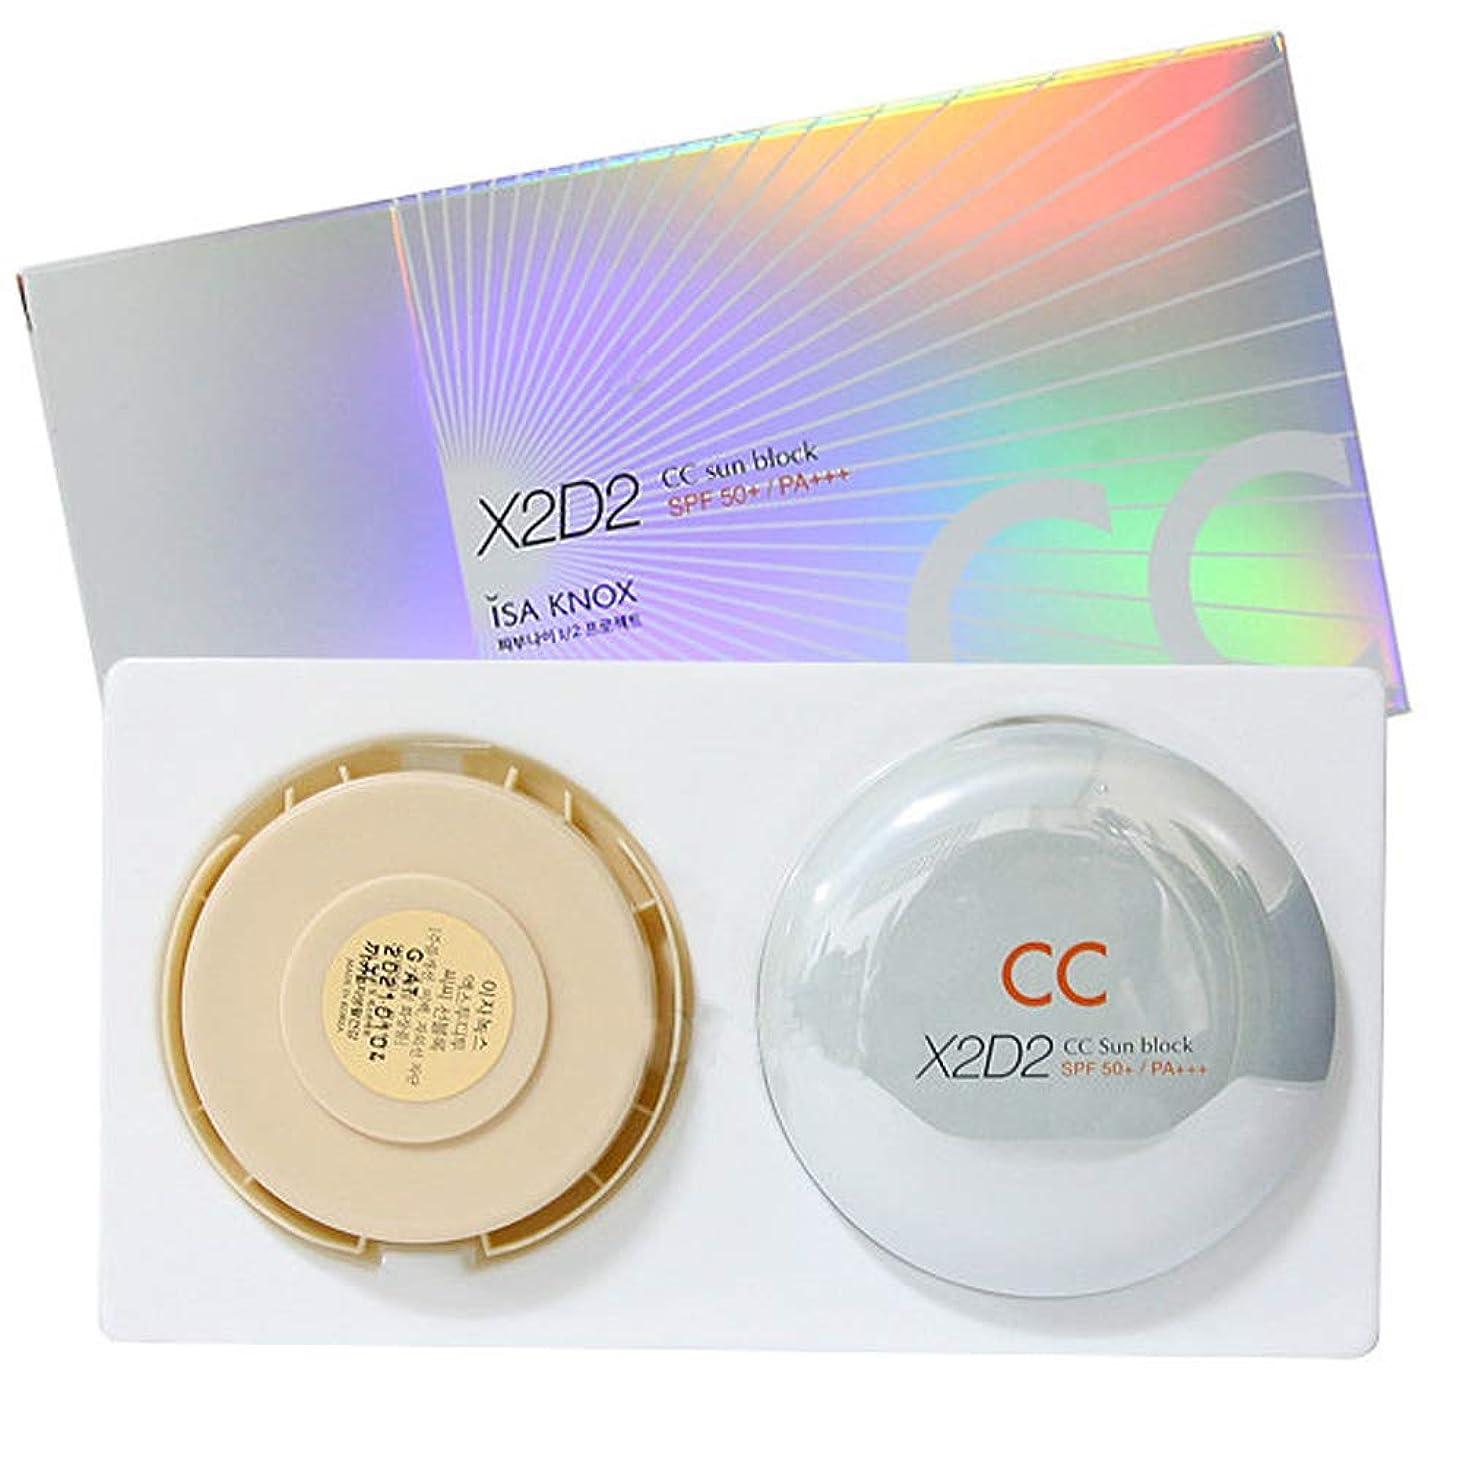 ピンチ香ばしい教育者イザノックス(ISA KNOX) X2D2 CCサンブロック(コンパクト型日焼け止めクリーム) 本体+リフィルセット(SPF50+/PA+++)